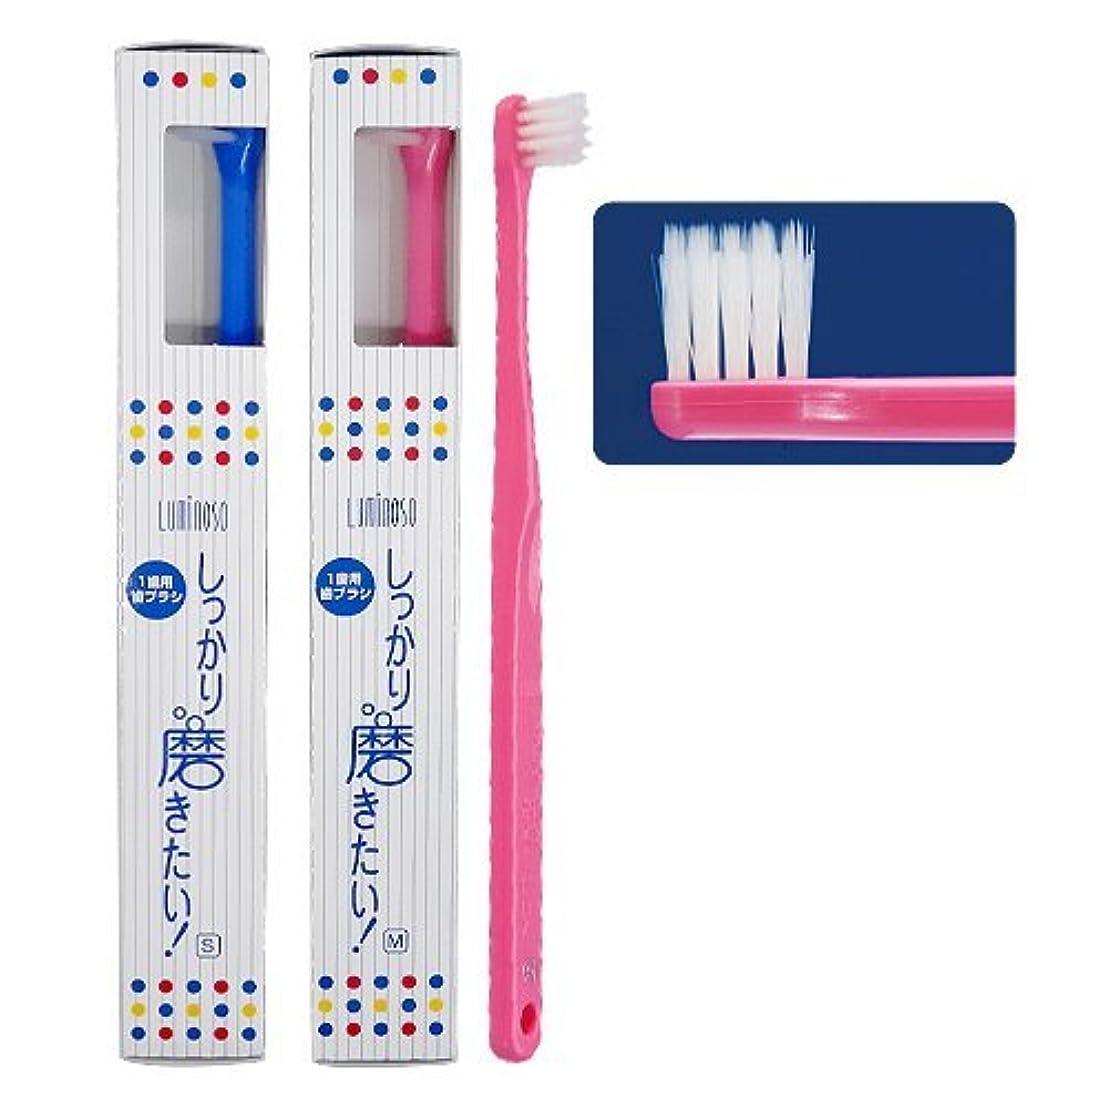 パラナ川オペレーターブランチルミノソ 1歯用歯ブラシ「しっかり磨きたい!」スタンダード ミディアム (カラー指定不可) 5本